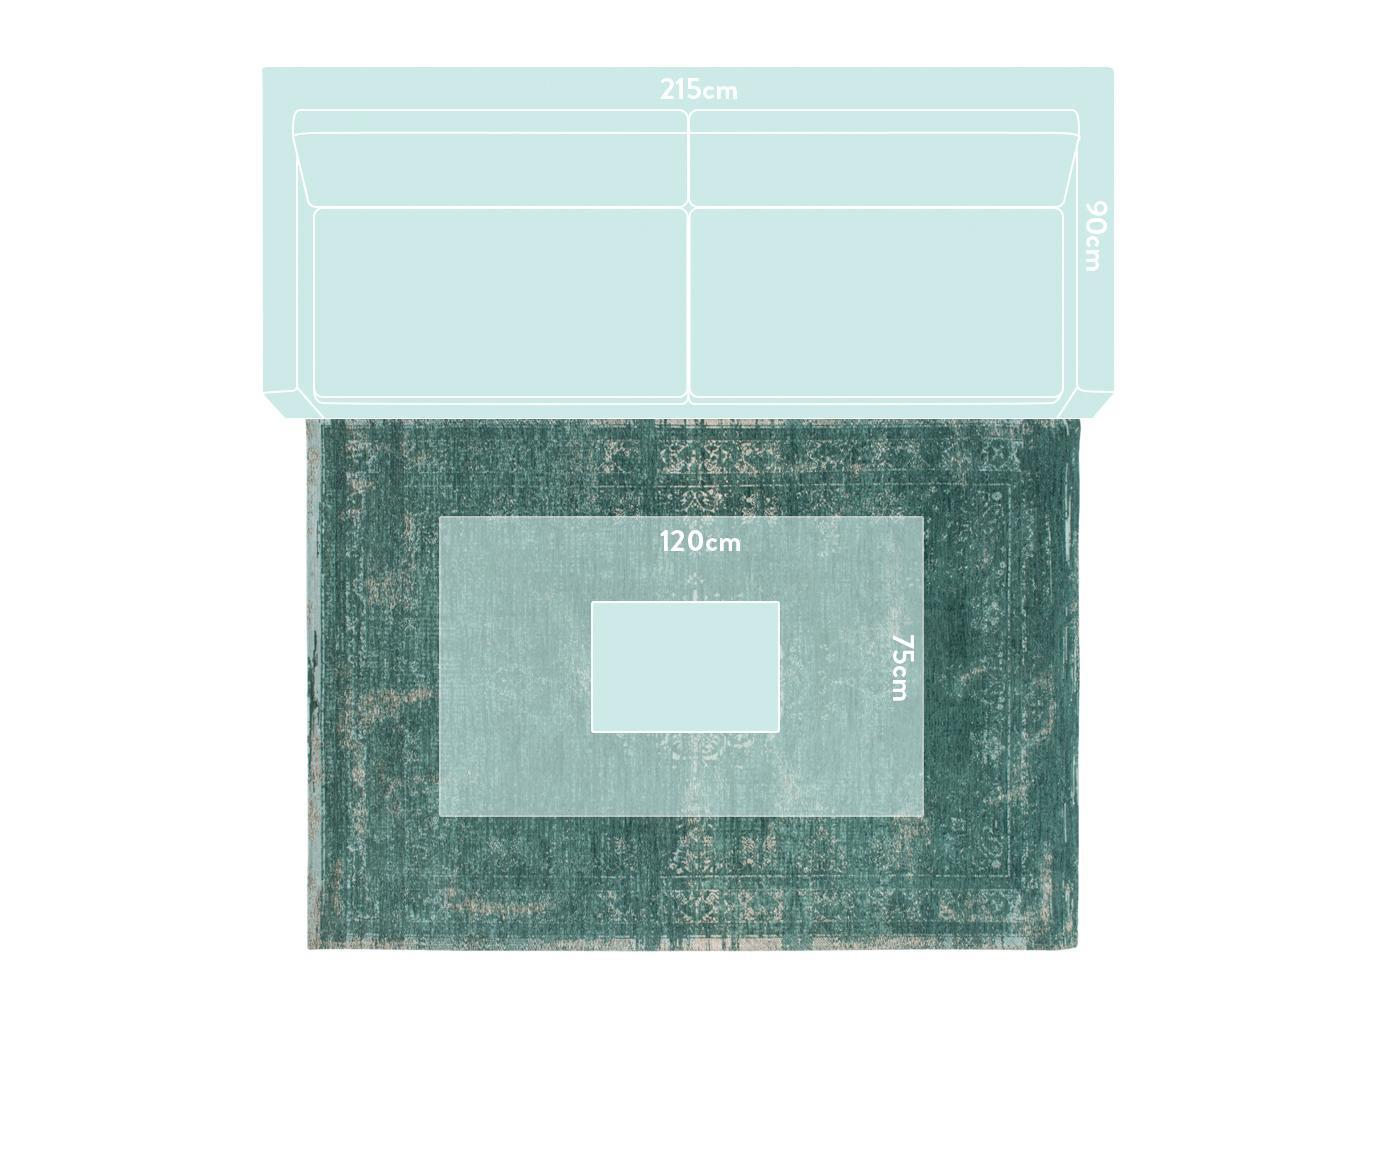 Vintage Chenilleteppich Medaillon, Vorderseite: 100% Chenillegarn (Baumwo, Webart: Jacquard, Rückseite: Chenillegarn, latexbeschi, Grün, Grau, B 140 x L 200 cm (Größe S)